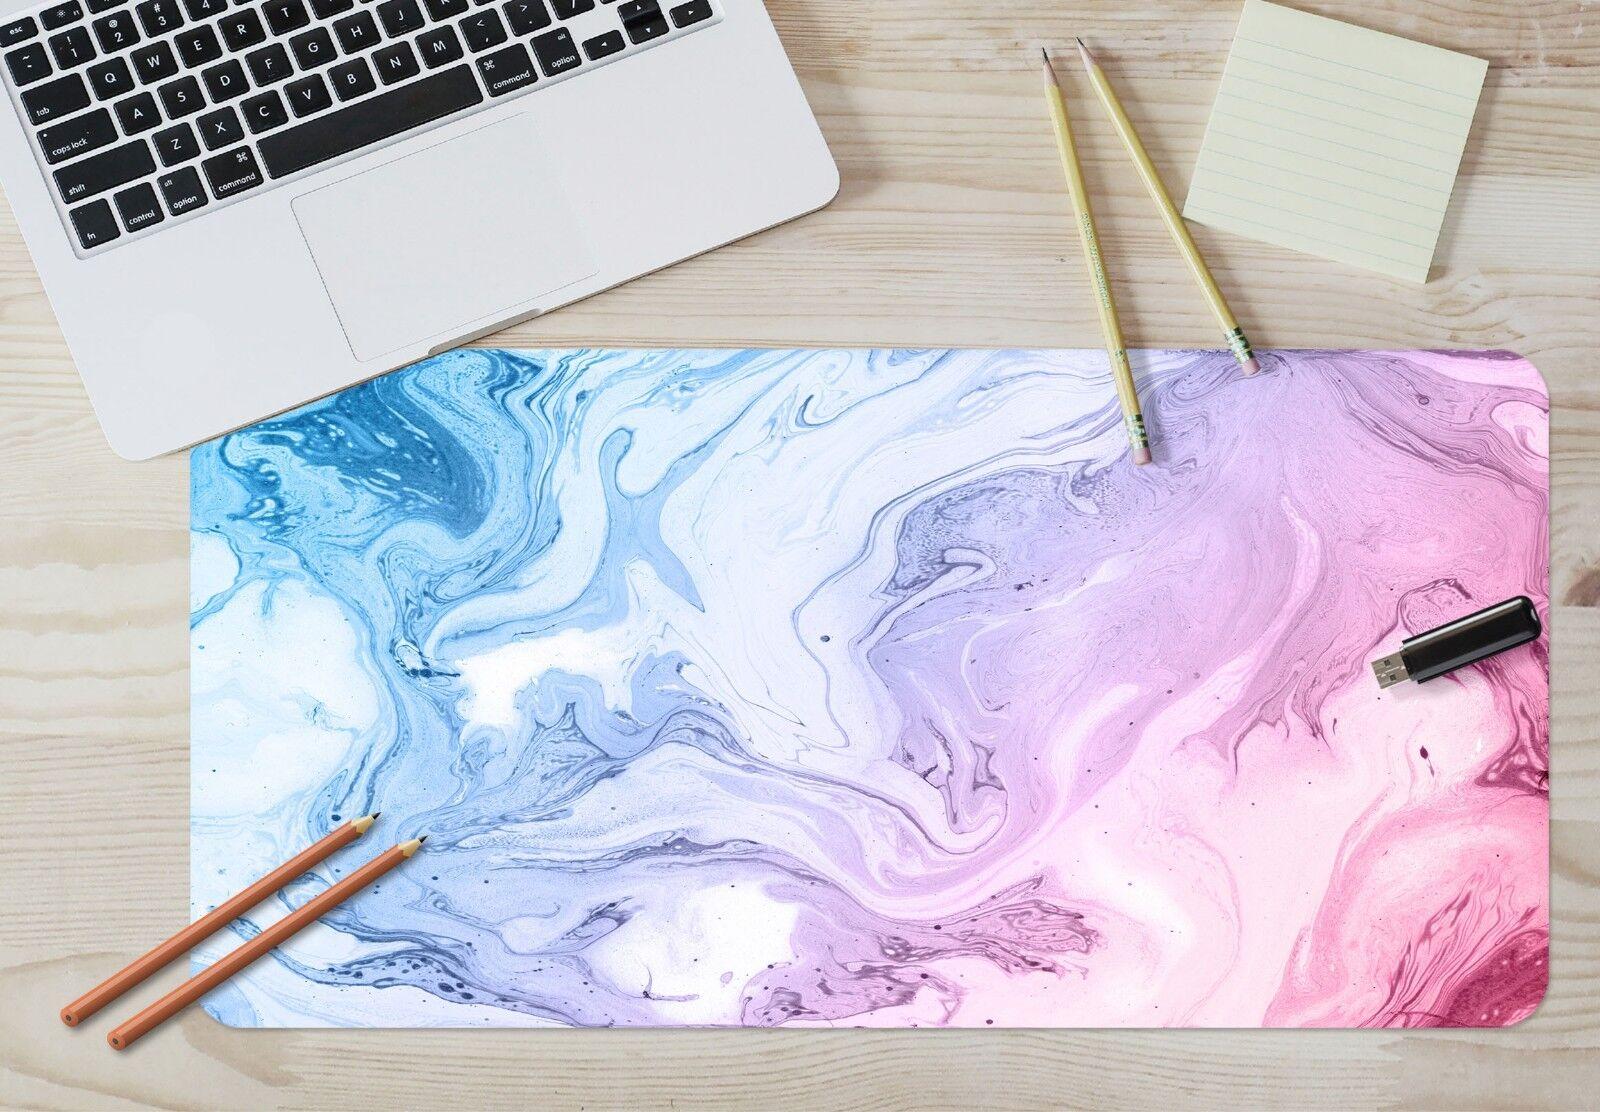 3D Schönes Bunt  7 Textur Rutschfest Büro Schreibtisch Mauspad Tastatur Spiel